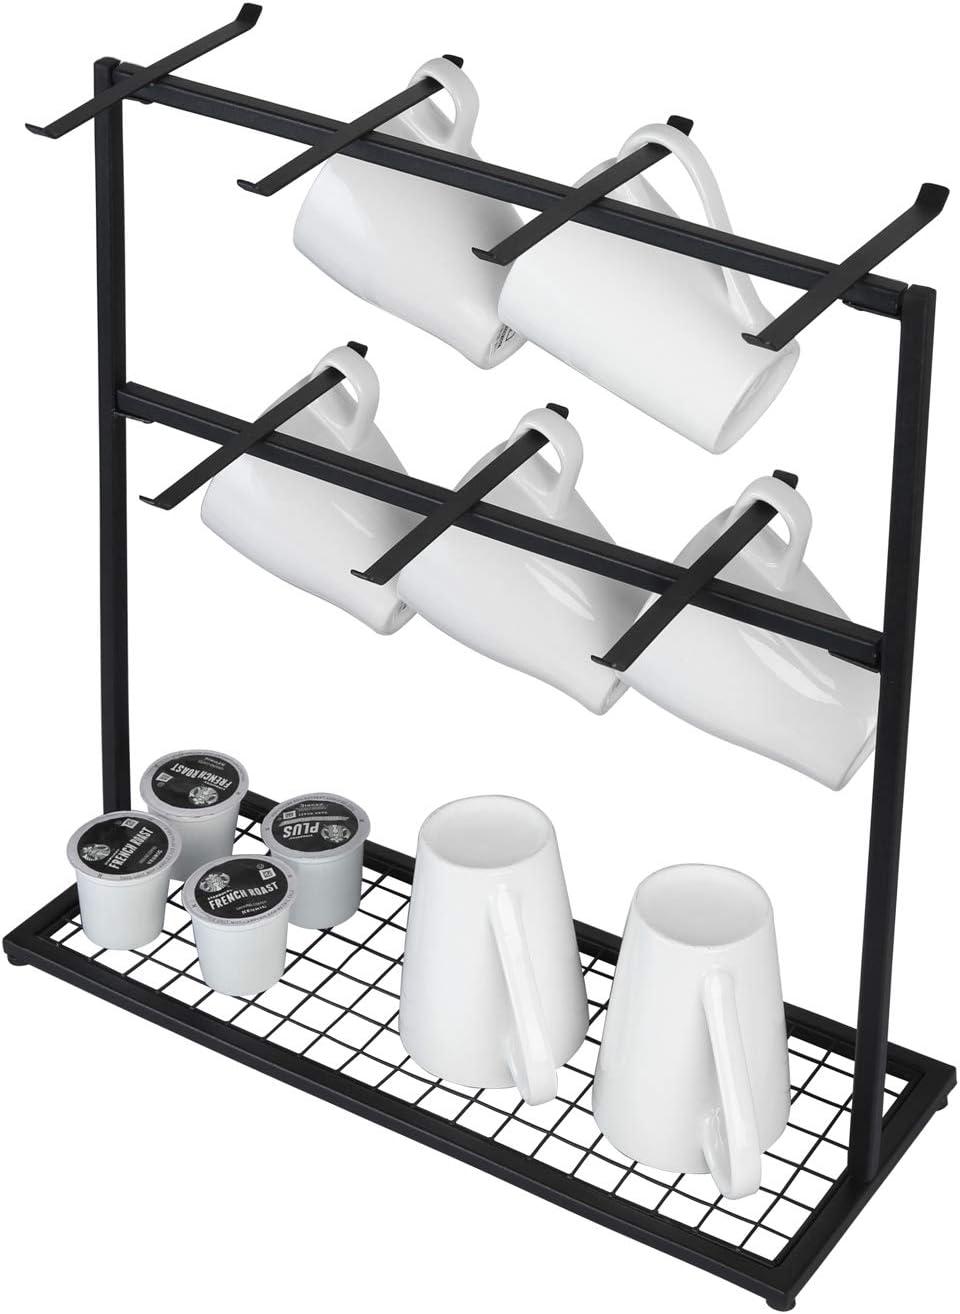 Matt-schwarz Vintage Tassenregal f/ür die K/üche OROPY Tassenhalter mit Aufbewahrungsboden Metall kaffeetassenst/änder mit 14 Haken